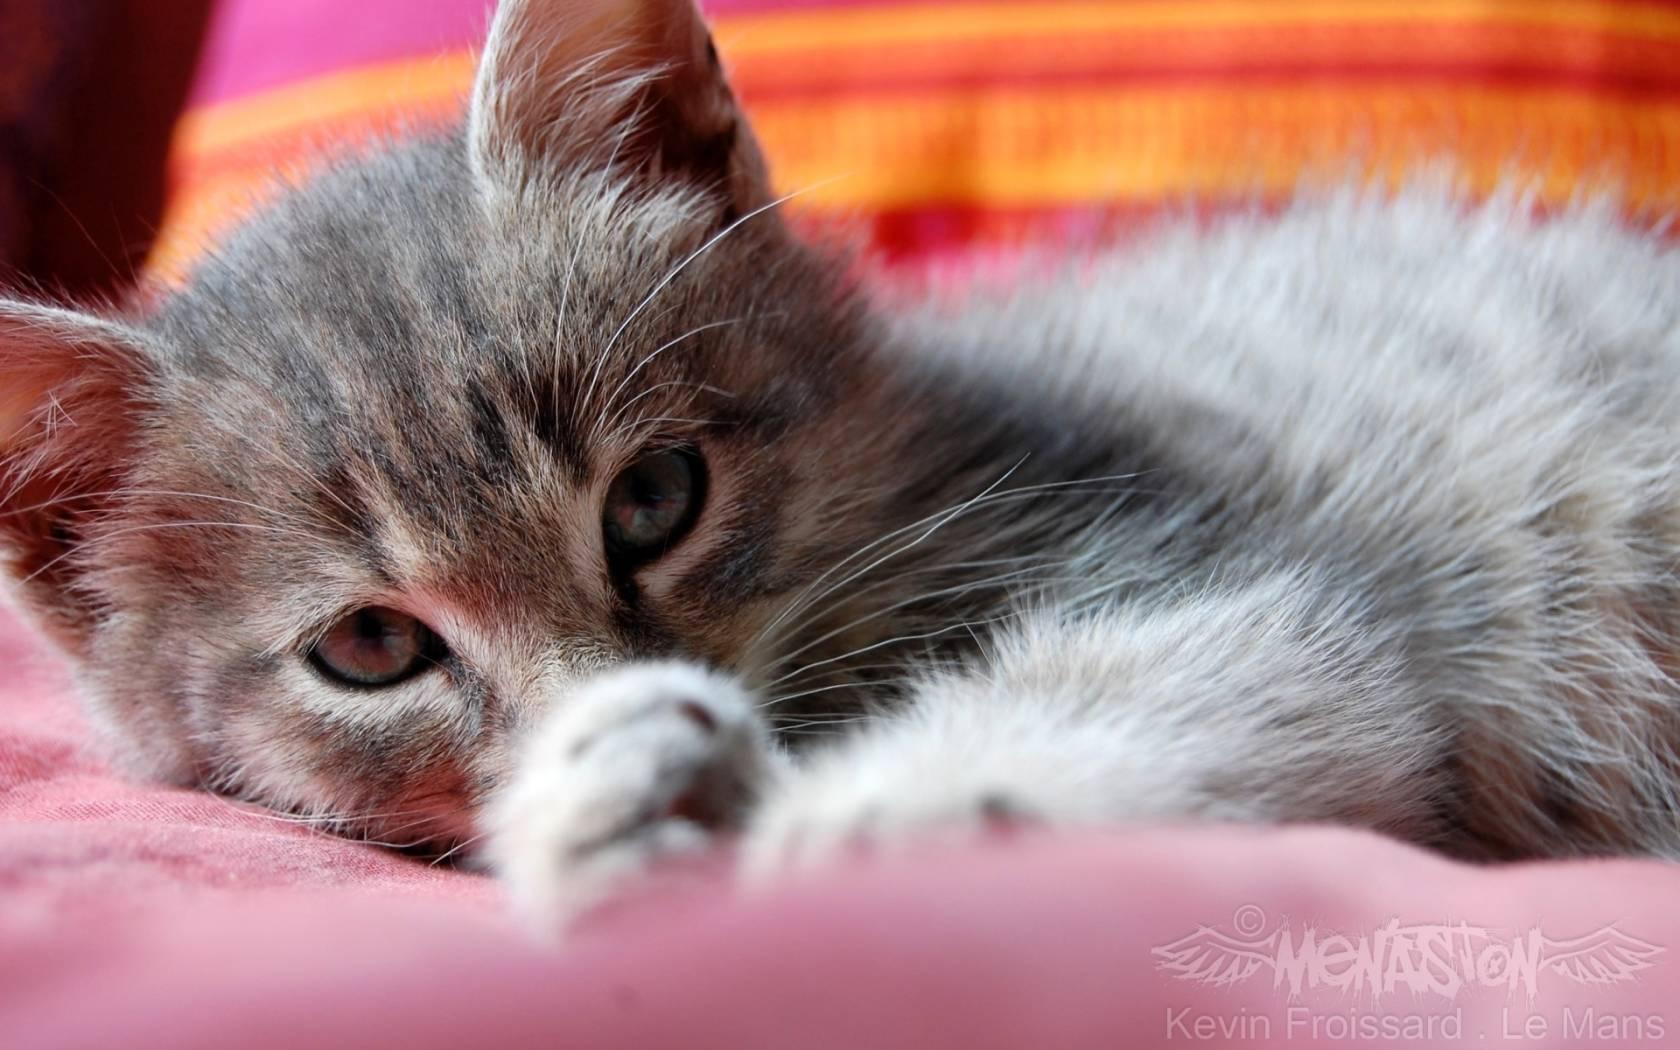 netautumn tabby cute cat desktop background wallpaper free wallpaper 1680x1050